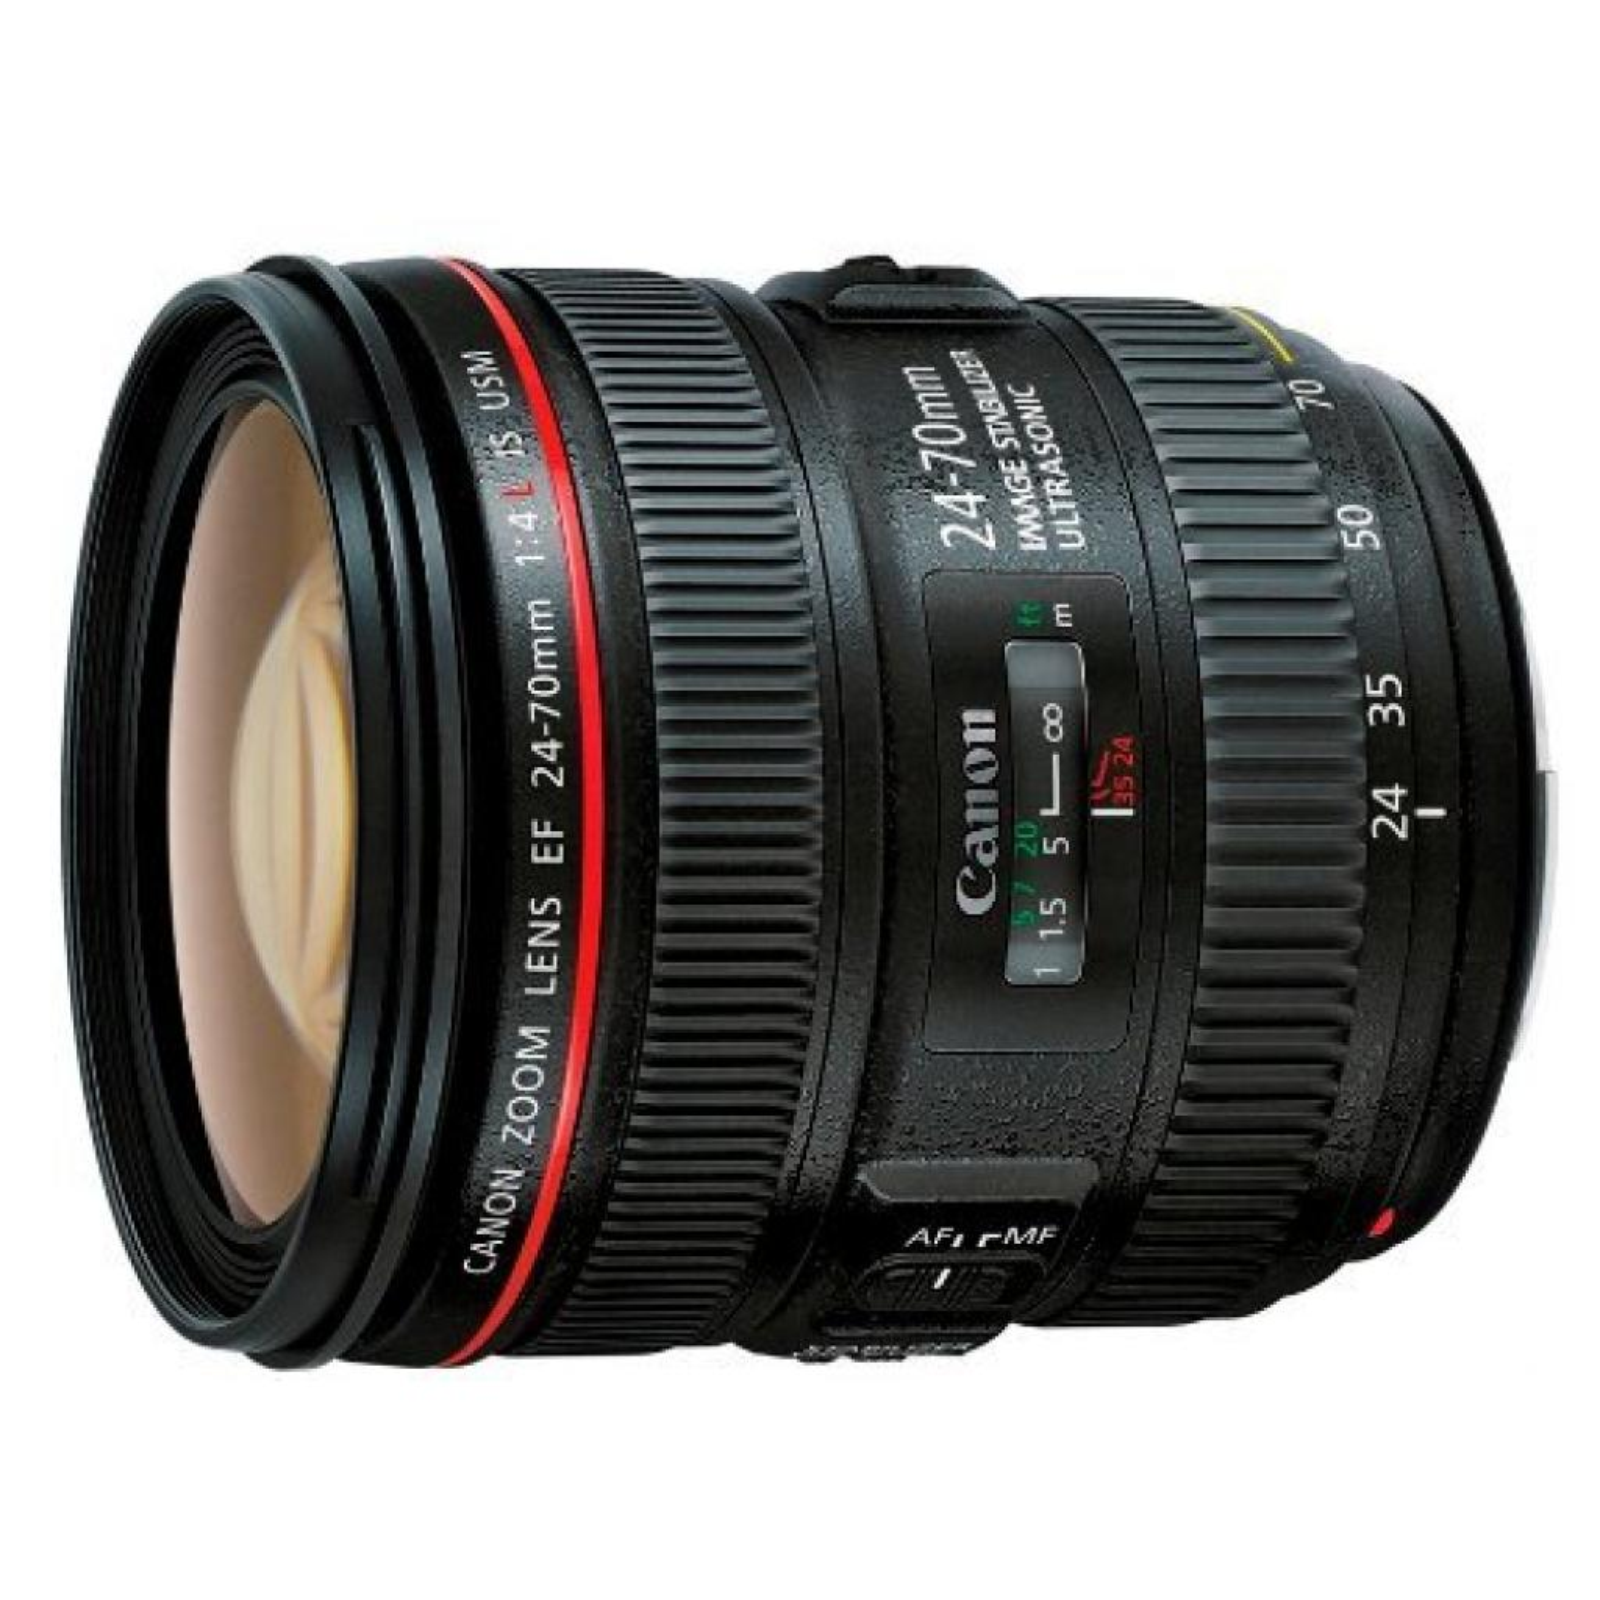 Объектив Canon EF 24-70 F4L IS USM изображение 2